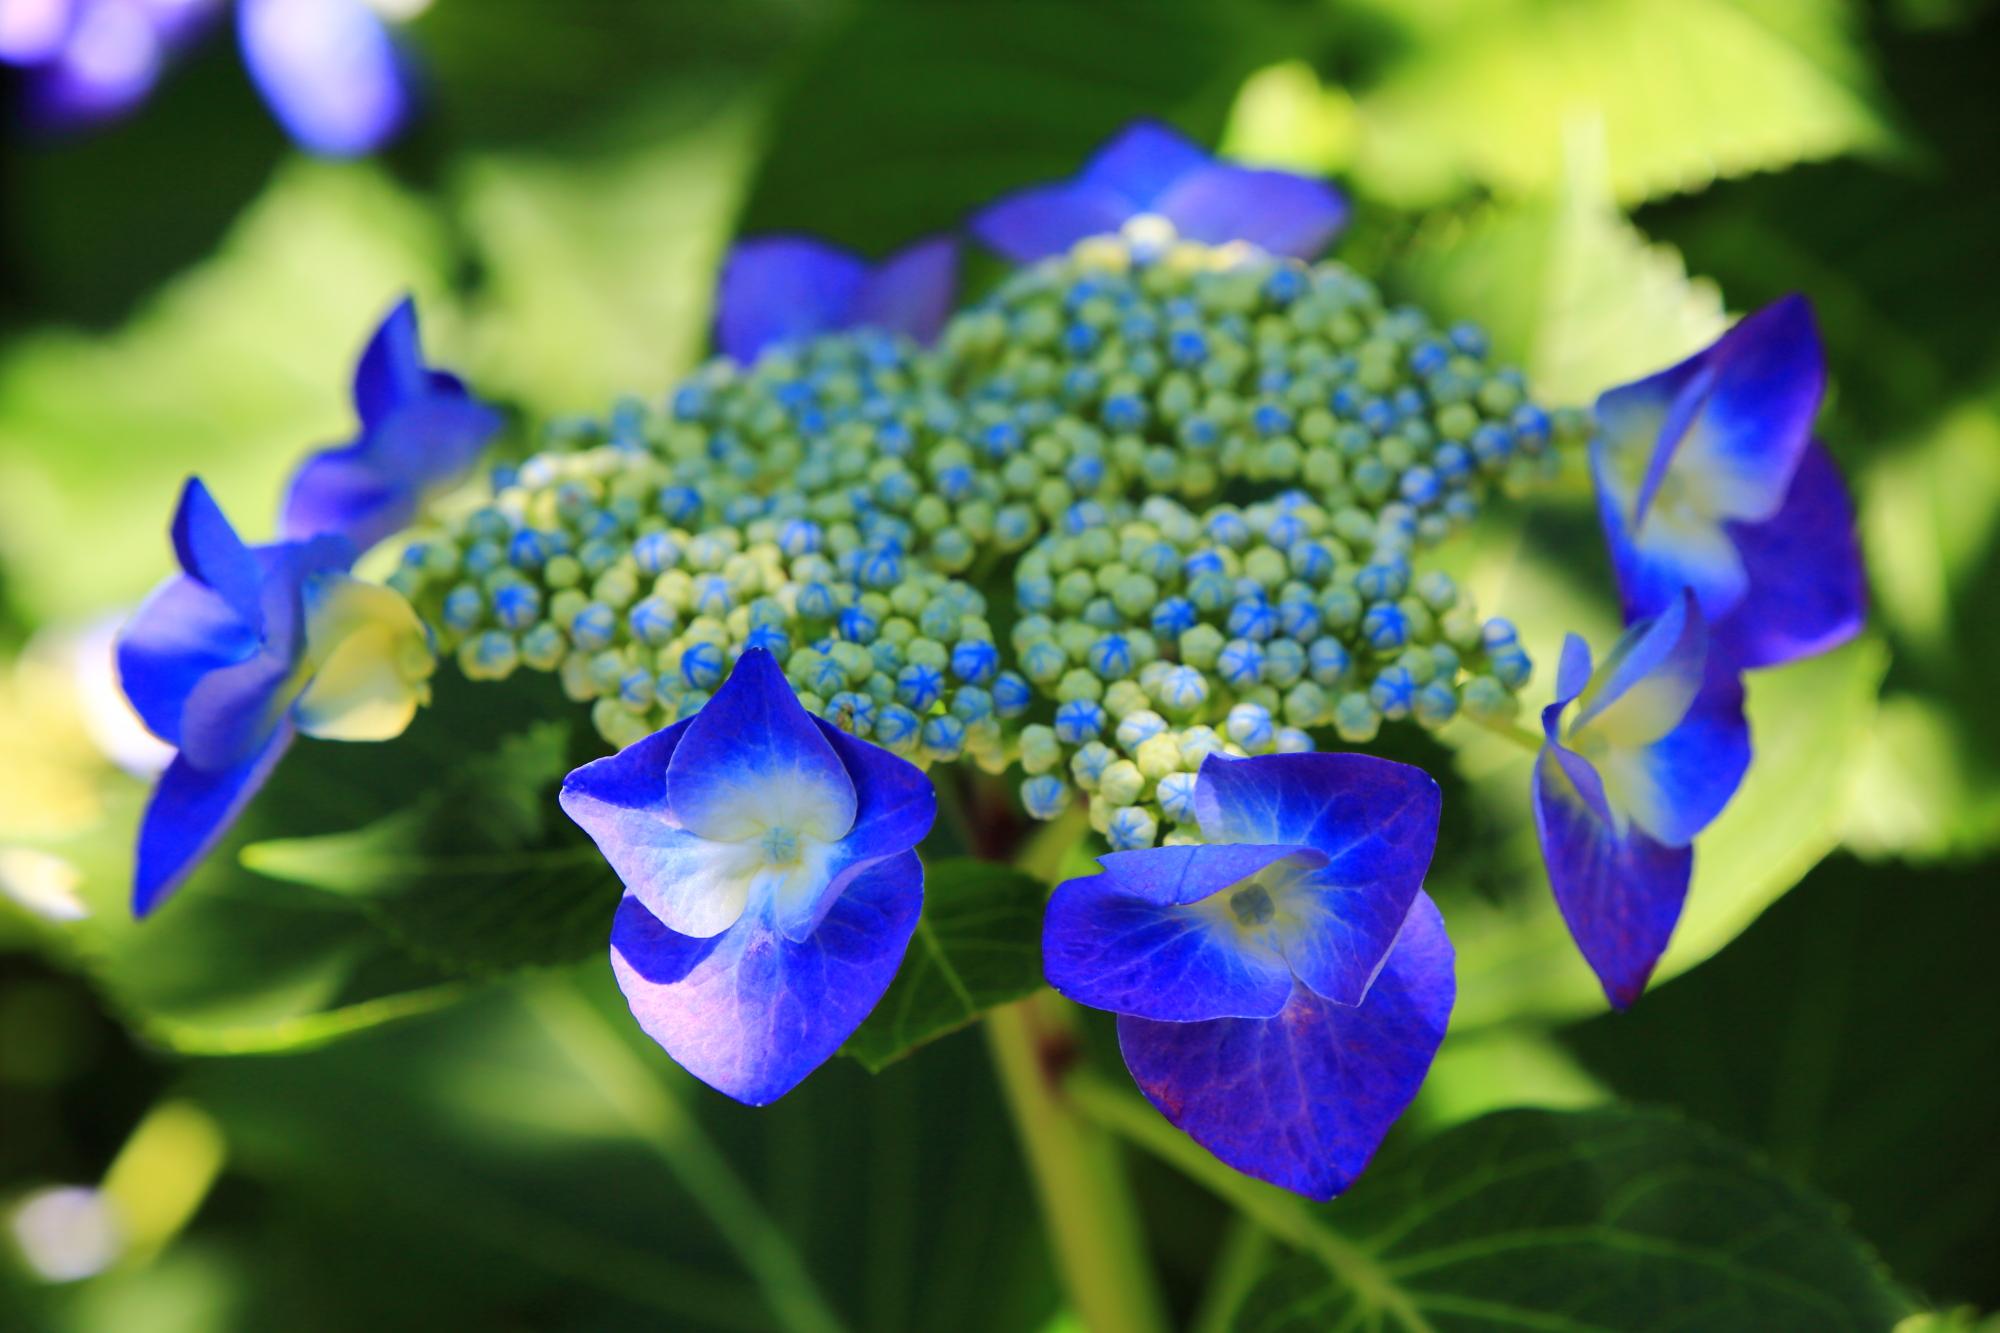 梅宮大社の鮮やかな青の額紫陽花(ガクアジサイ)